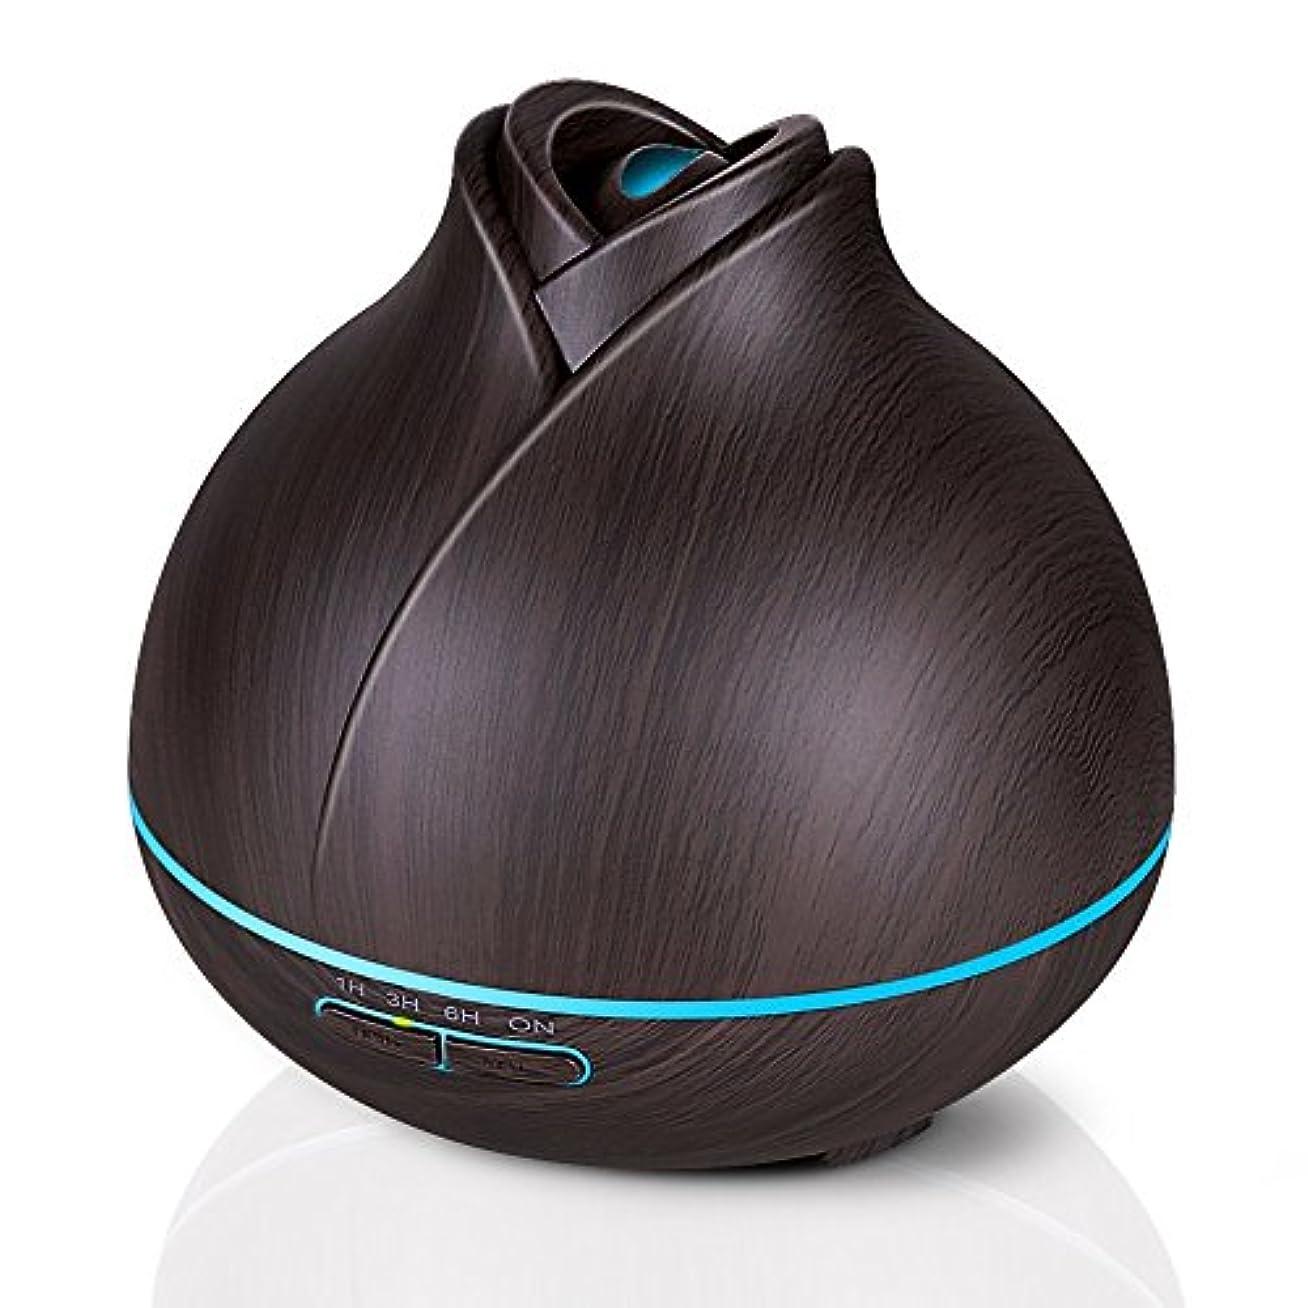 未来雇用者割合エッセンシャルオイルディフューザー、400ミリリットル電気超音波クールミスト加湿器アロマディフューザー、7色LEDライト付き空気清浄機